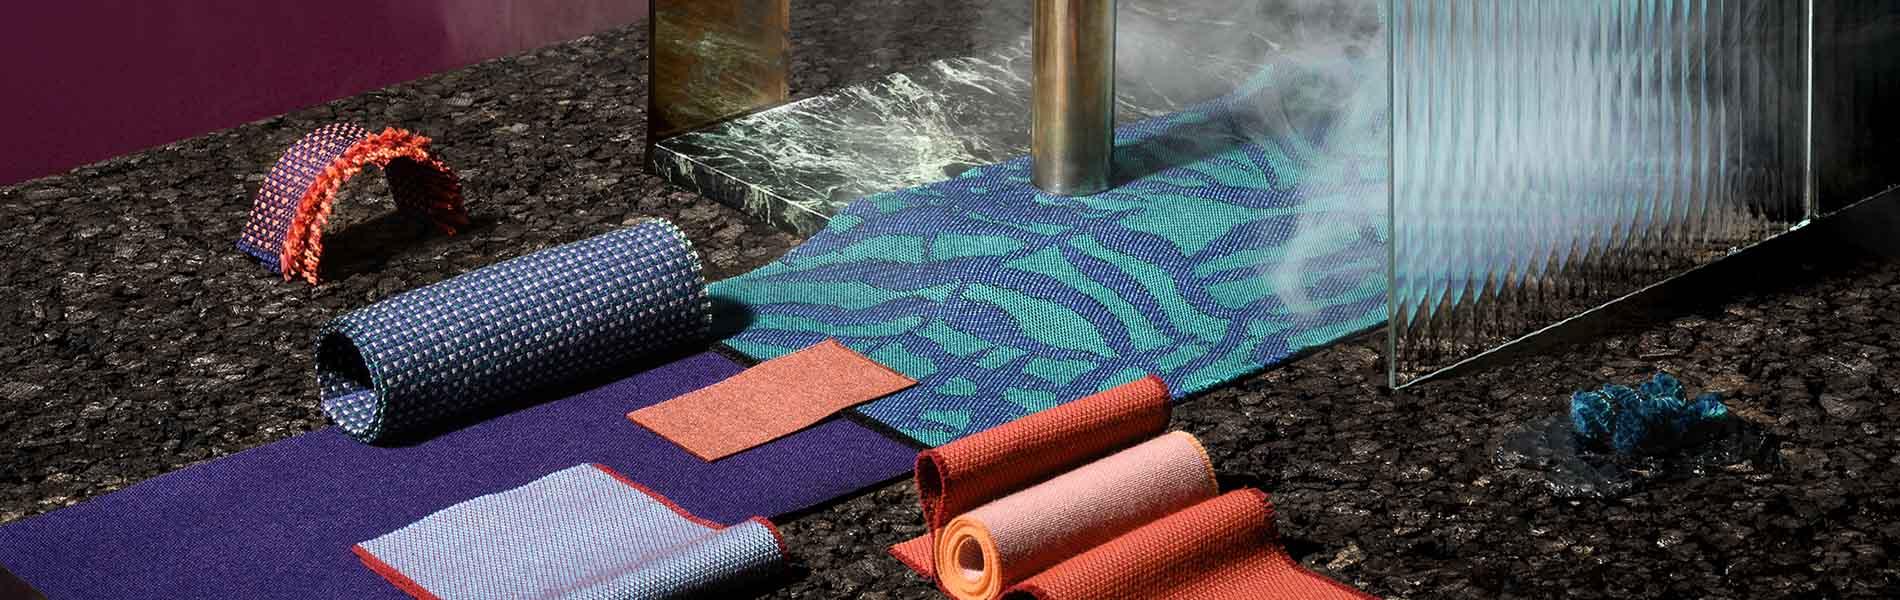 Bahia et Odyssey : les nouvelles collections textiles de Sunbrella®